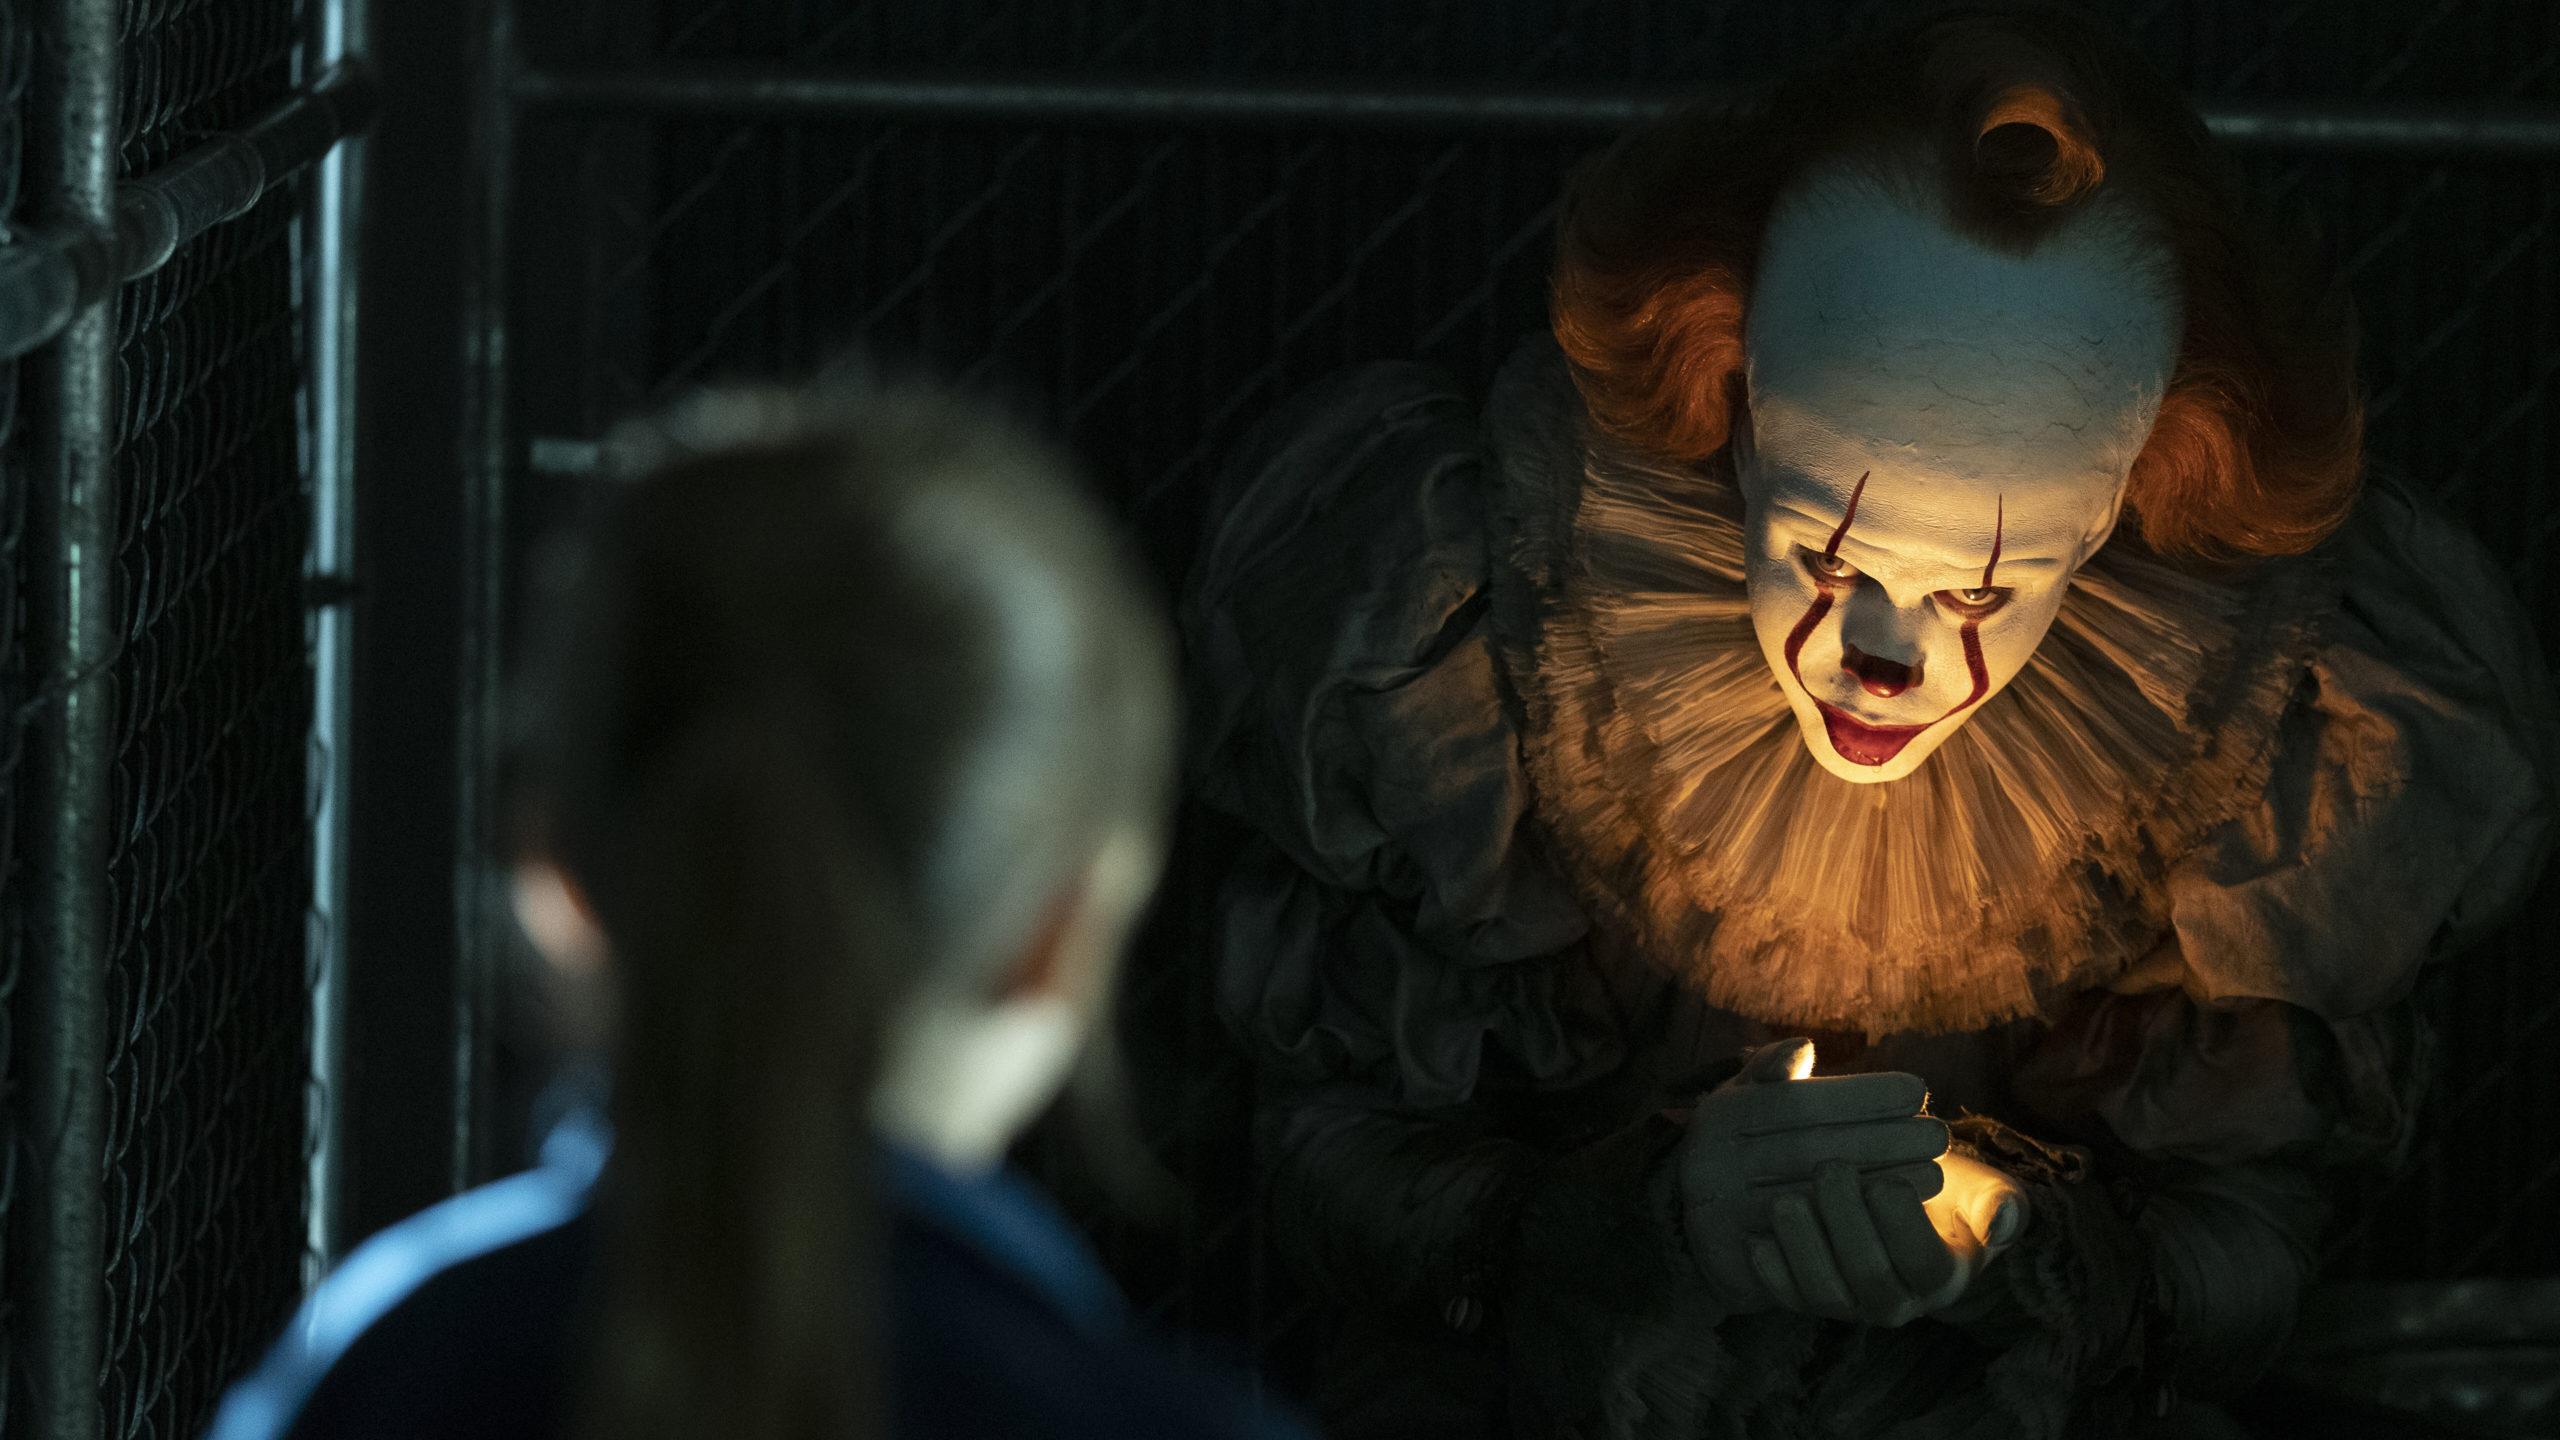 Хэллоуин близко: самые кассовые фильмы ужасов всех времен